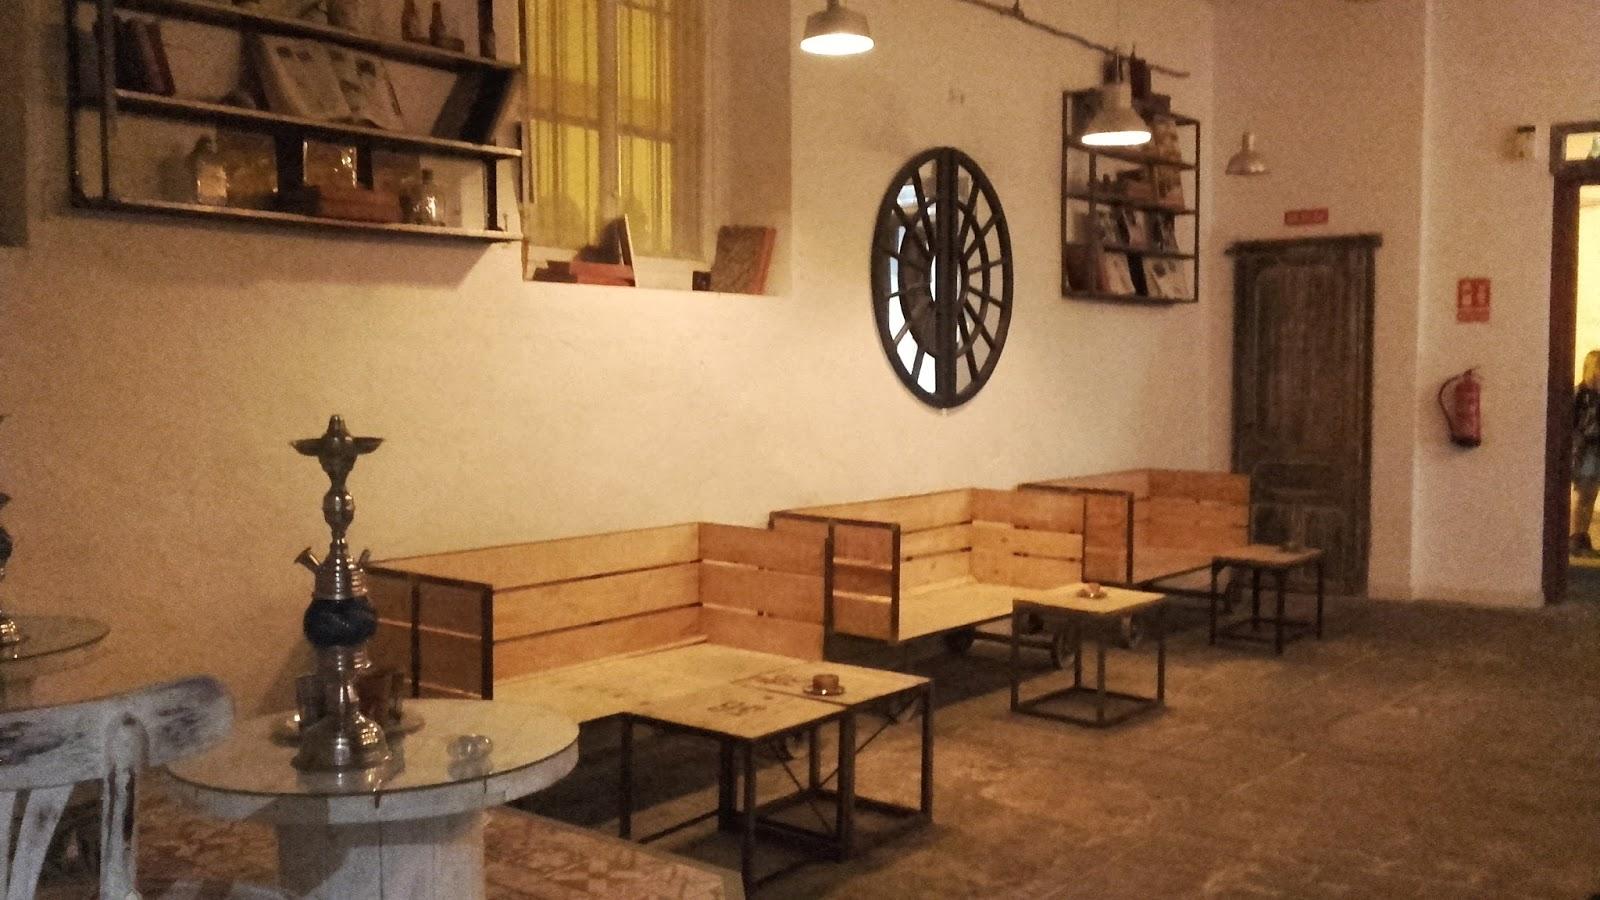 SPAZIO-NOI: ANTICUARIO, un local lleno de detalles.Café, copas ...